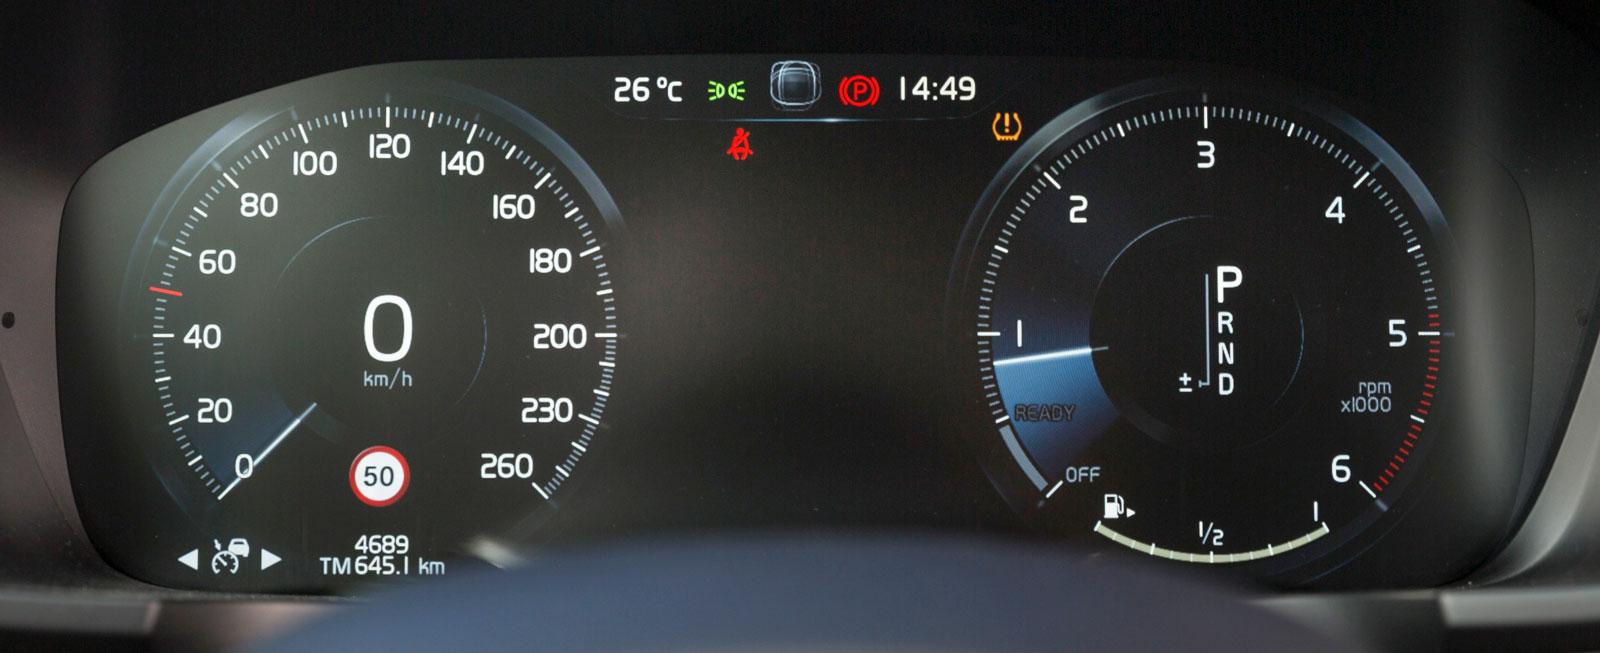 Volvo S90 Inscription har digital instrumentering som standard. En hel rad olika visningsalternativ finns, men på bilden nöjer vi oss med att visa standardläget med vanlig hastighetsmätare och varvräknare.